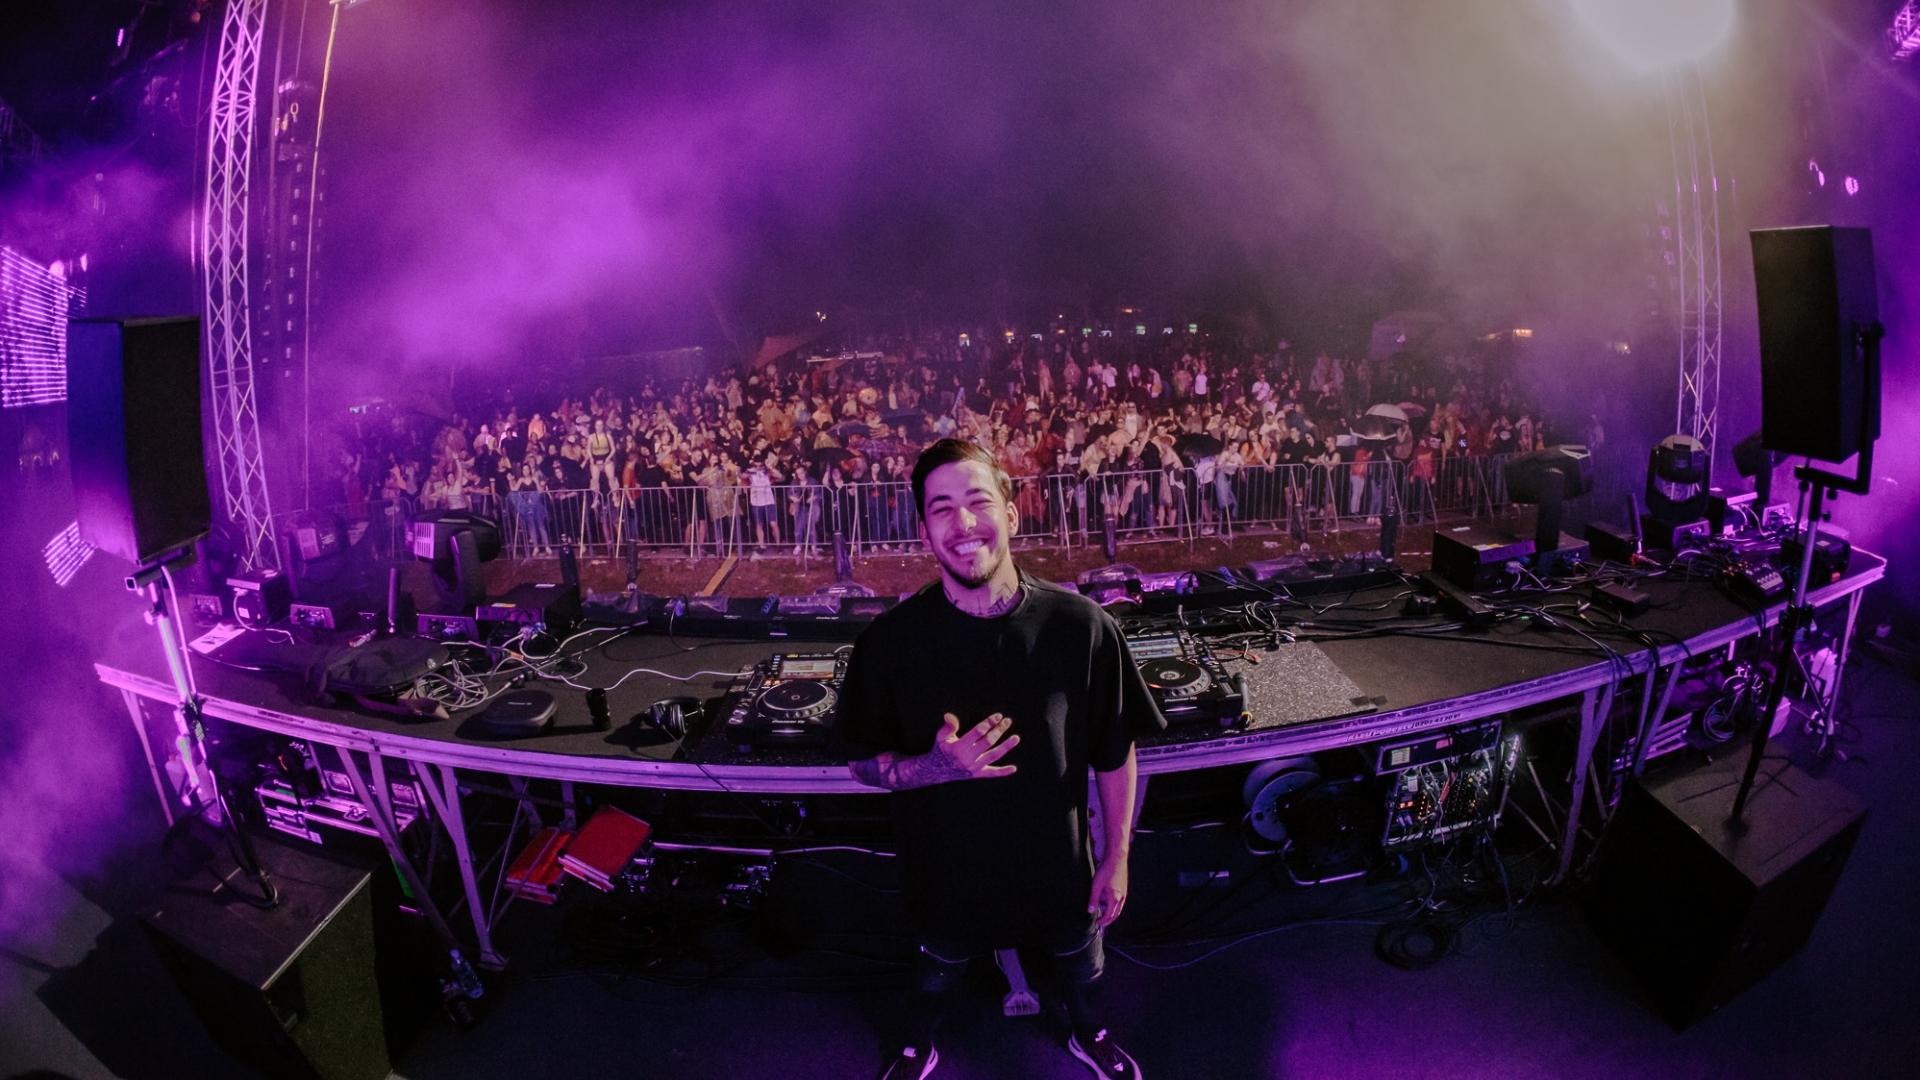 Müzik aletlerini kullanmasına kızarlardı şimdi dünya onu konuşuyor; DJ Mahmut Orhan'dan bahsediyoruz!